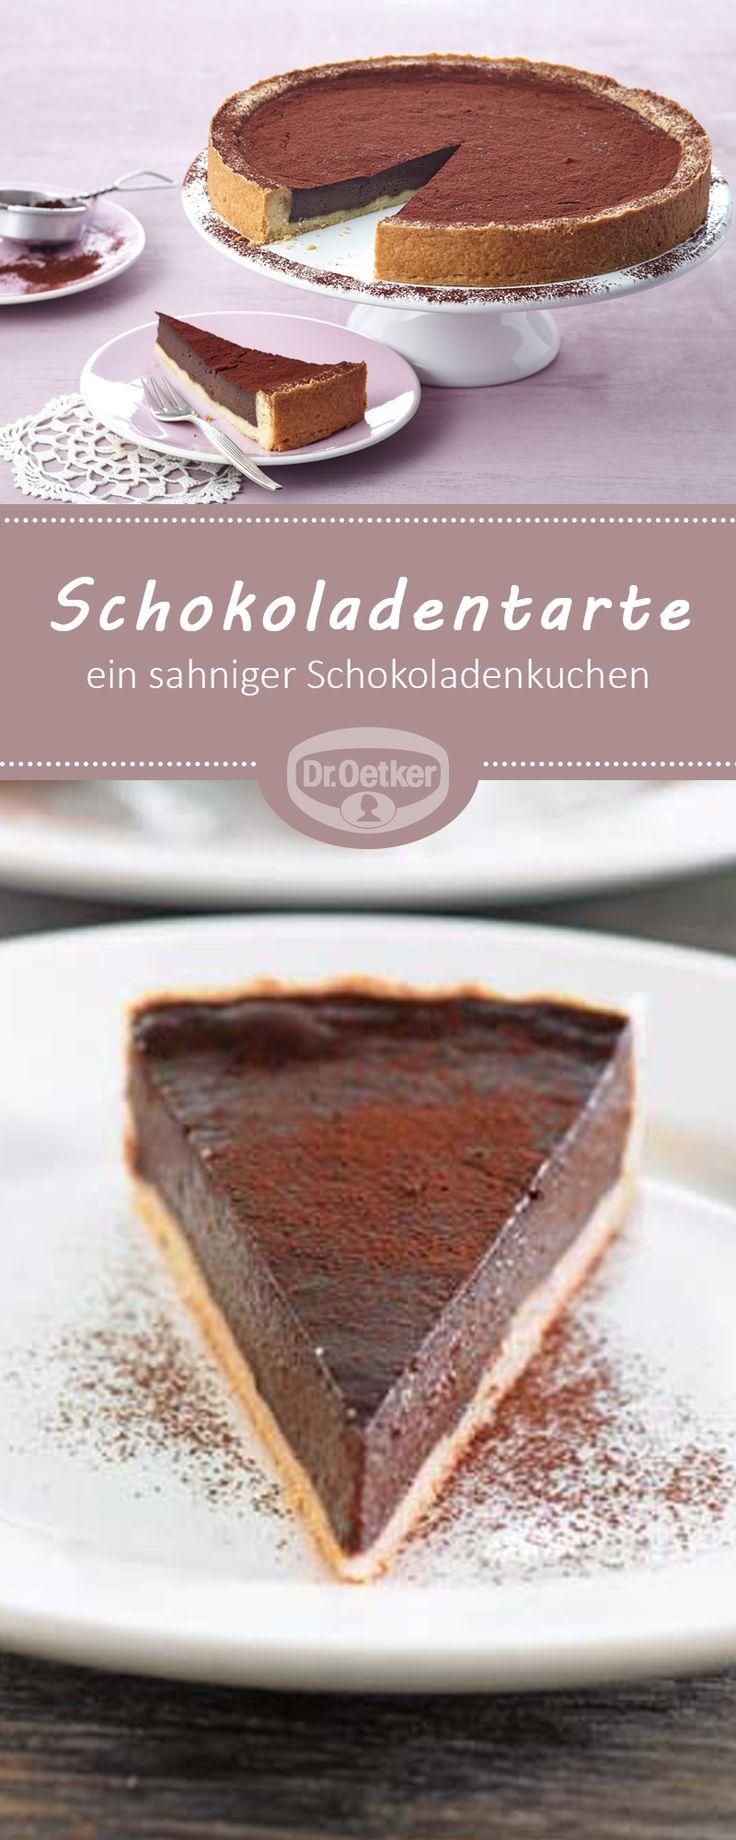 Schokoladentarte: Ein sahniger Schokoladenkuchen zur Kaffeezeit